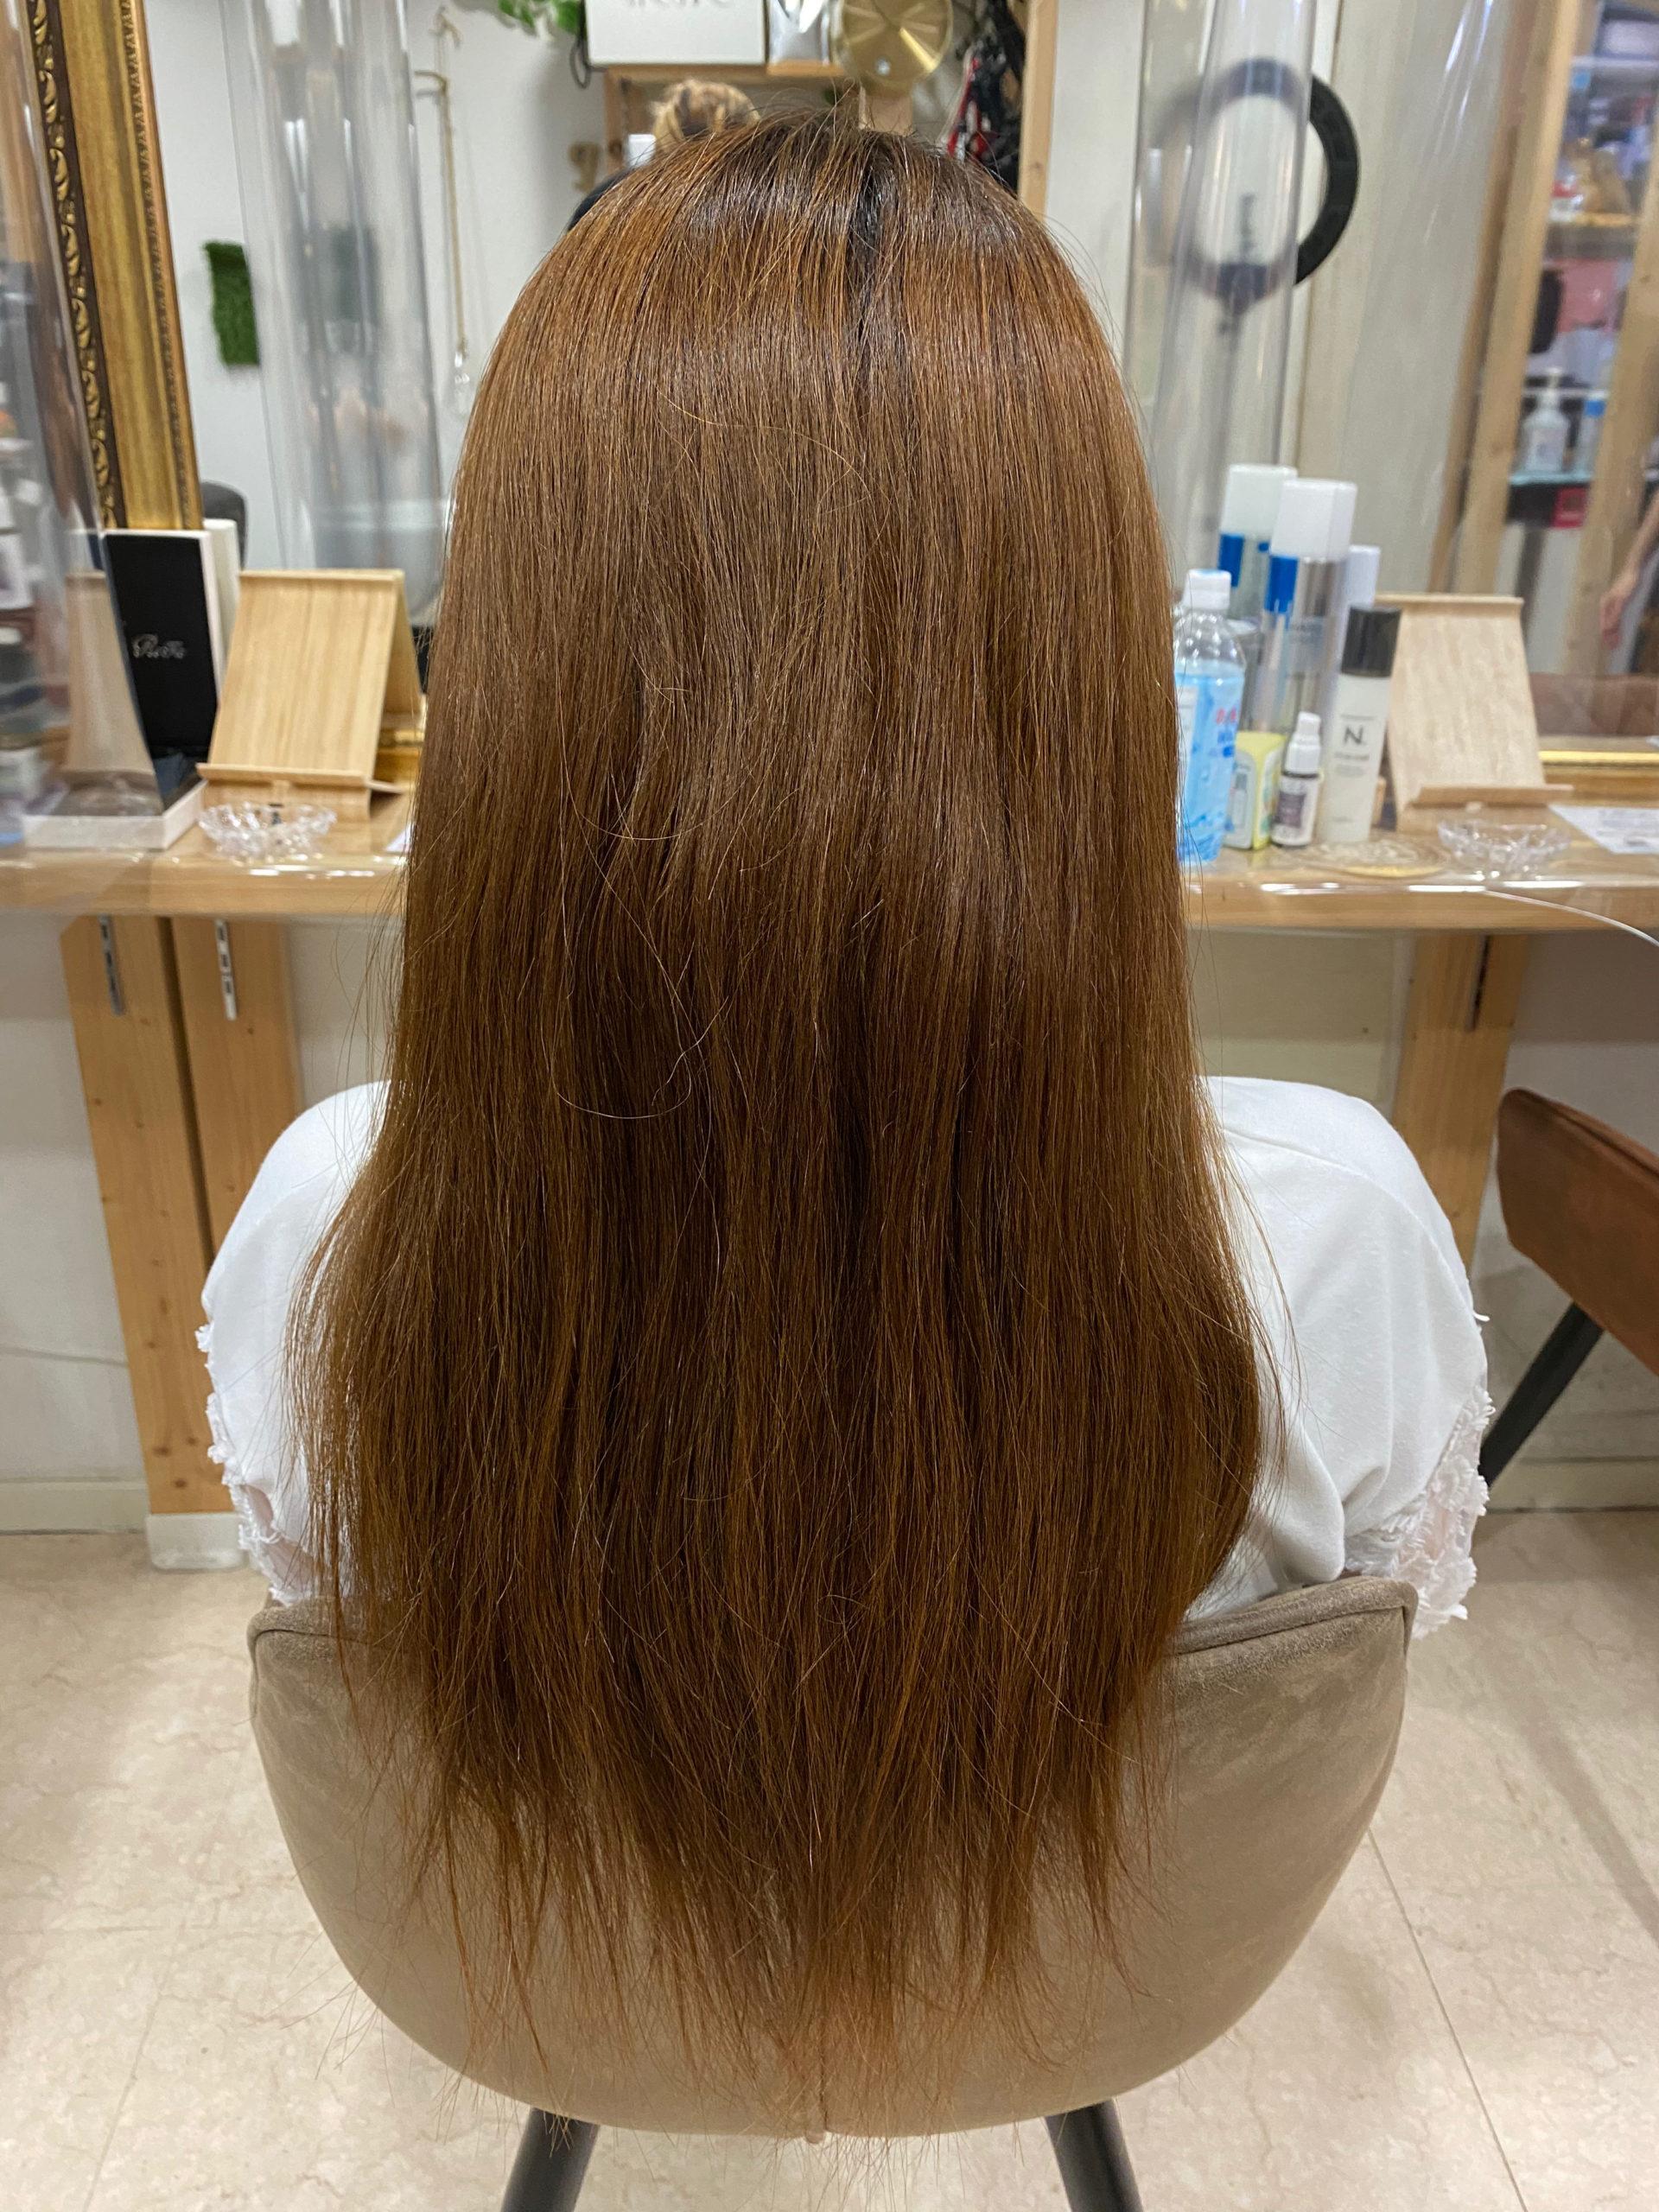 一年ぶりの縮毛矯正で艶髪ストレートヘア。原宿・表参道『髪のお悩みを解決するヘアケア美容師の挑戦』